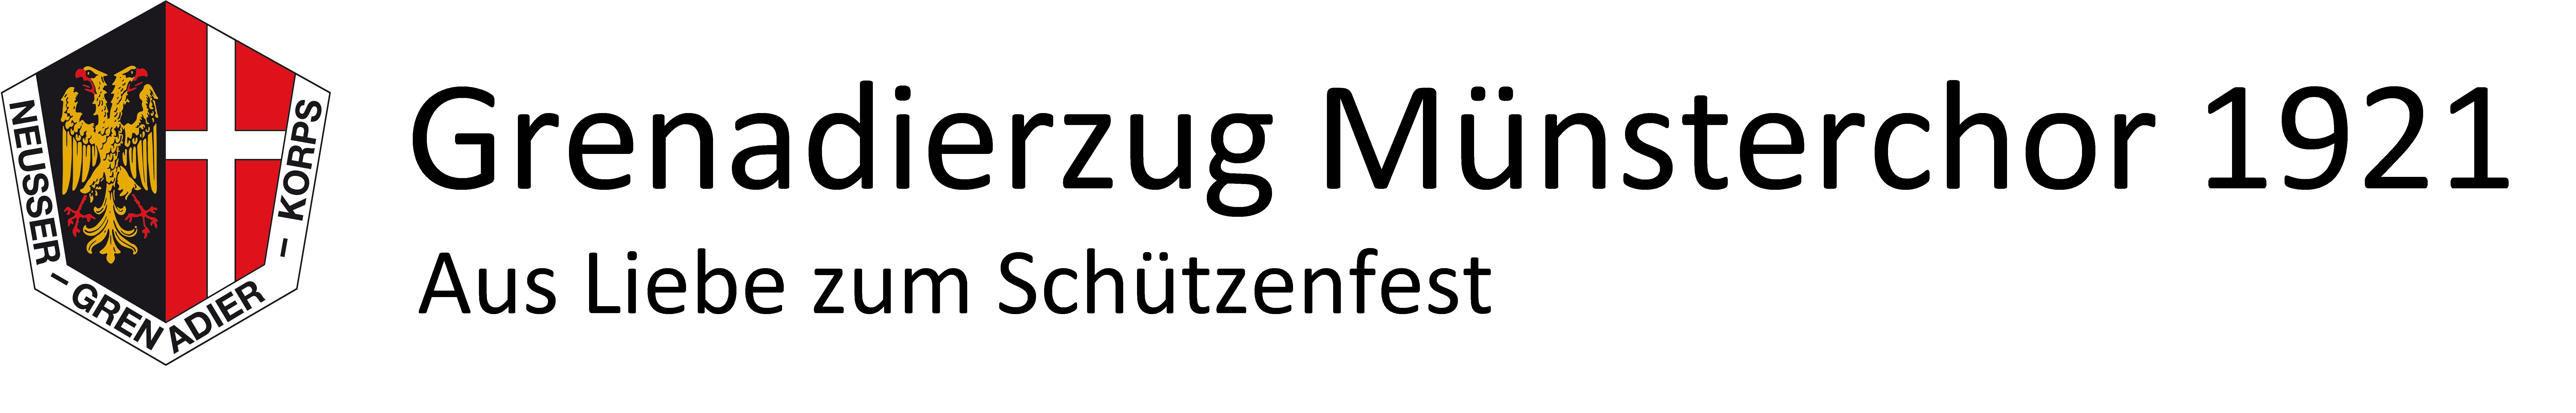 Grenadierzug Münsterchor 1921